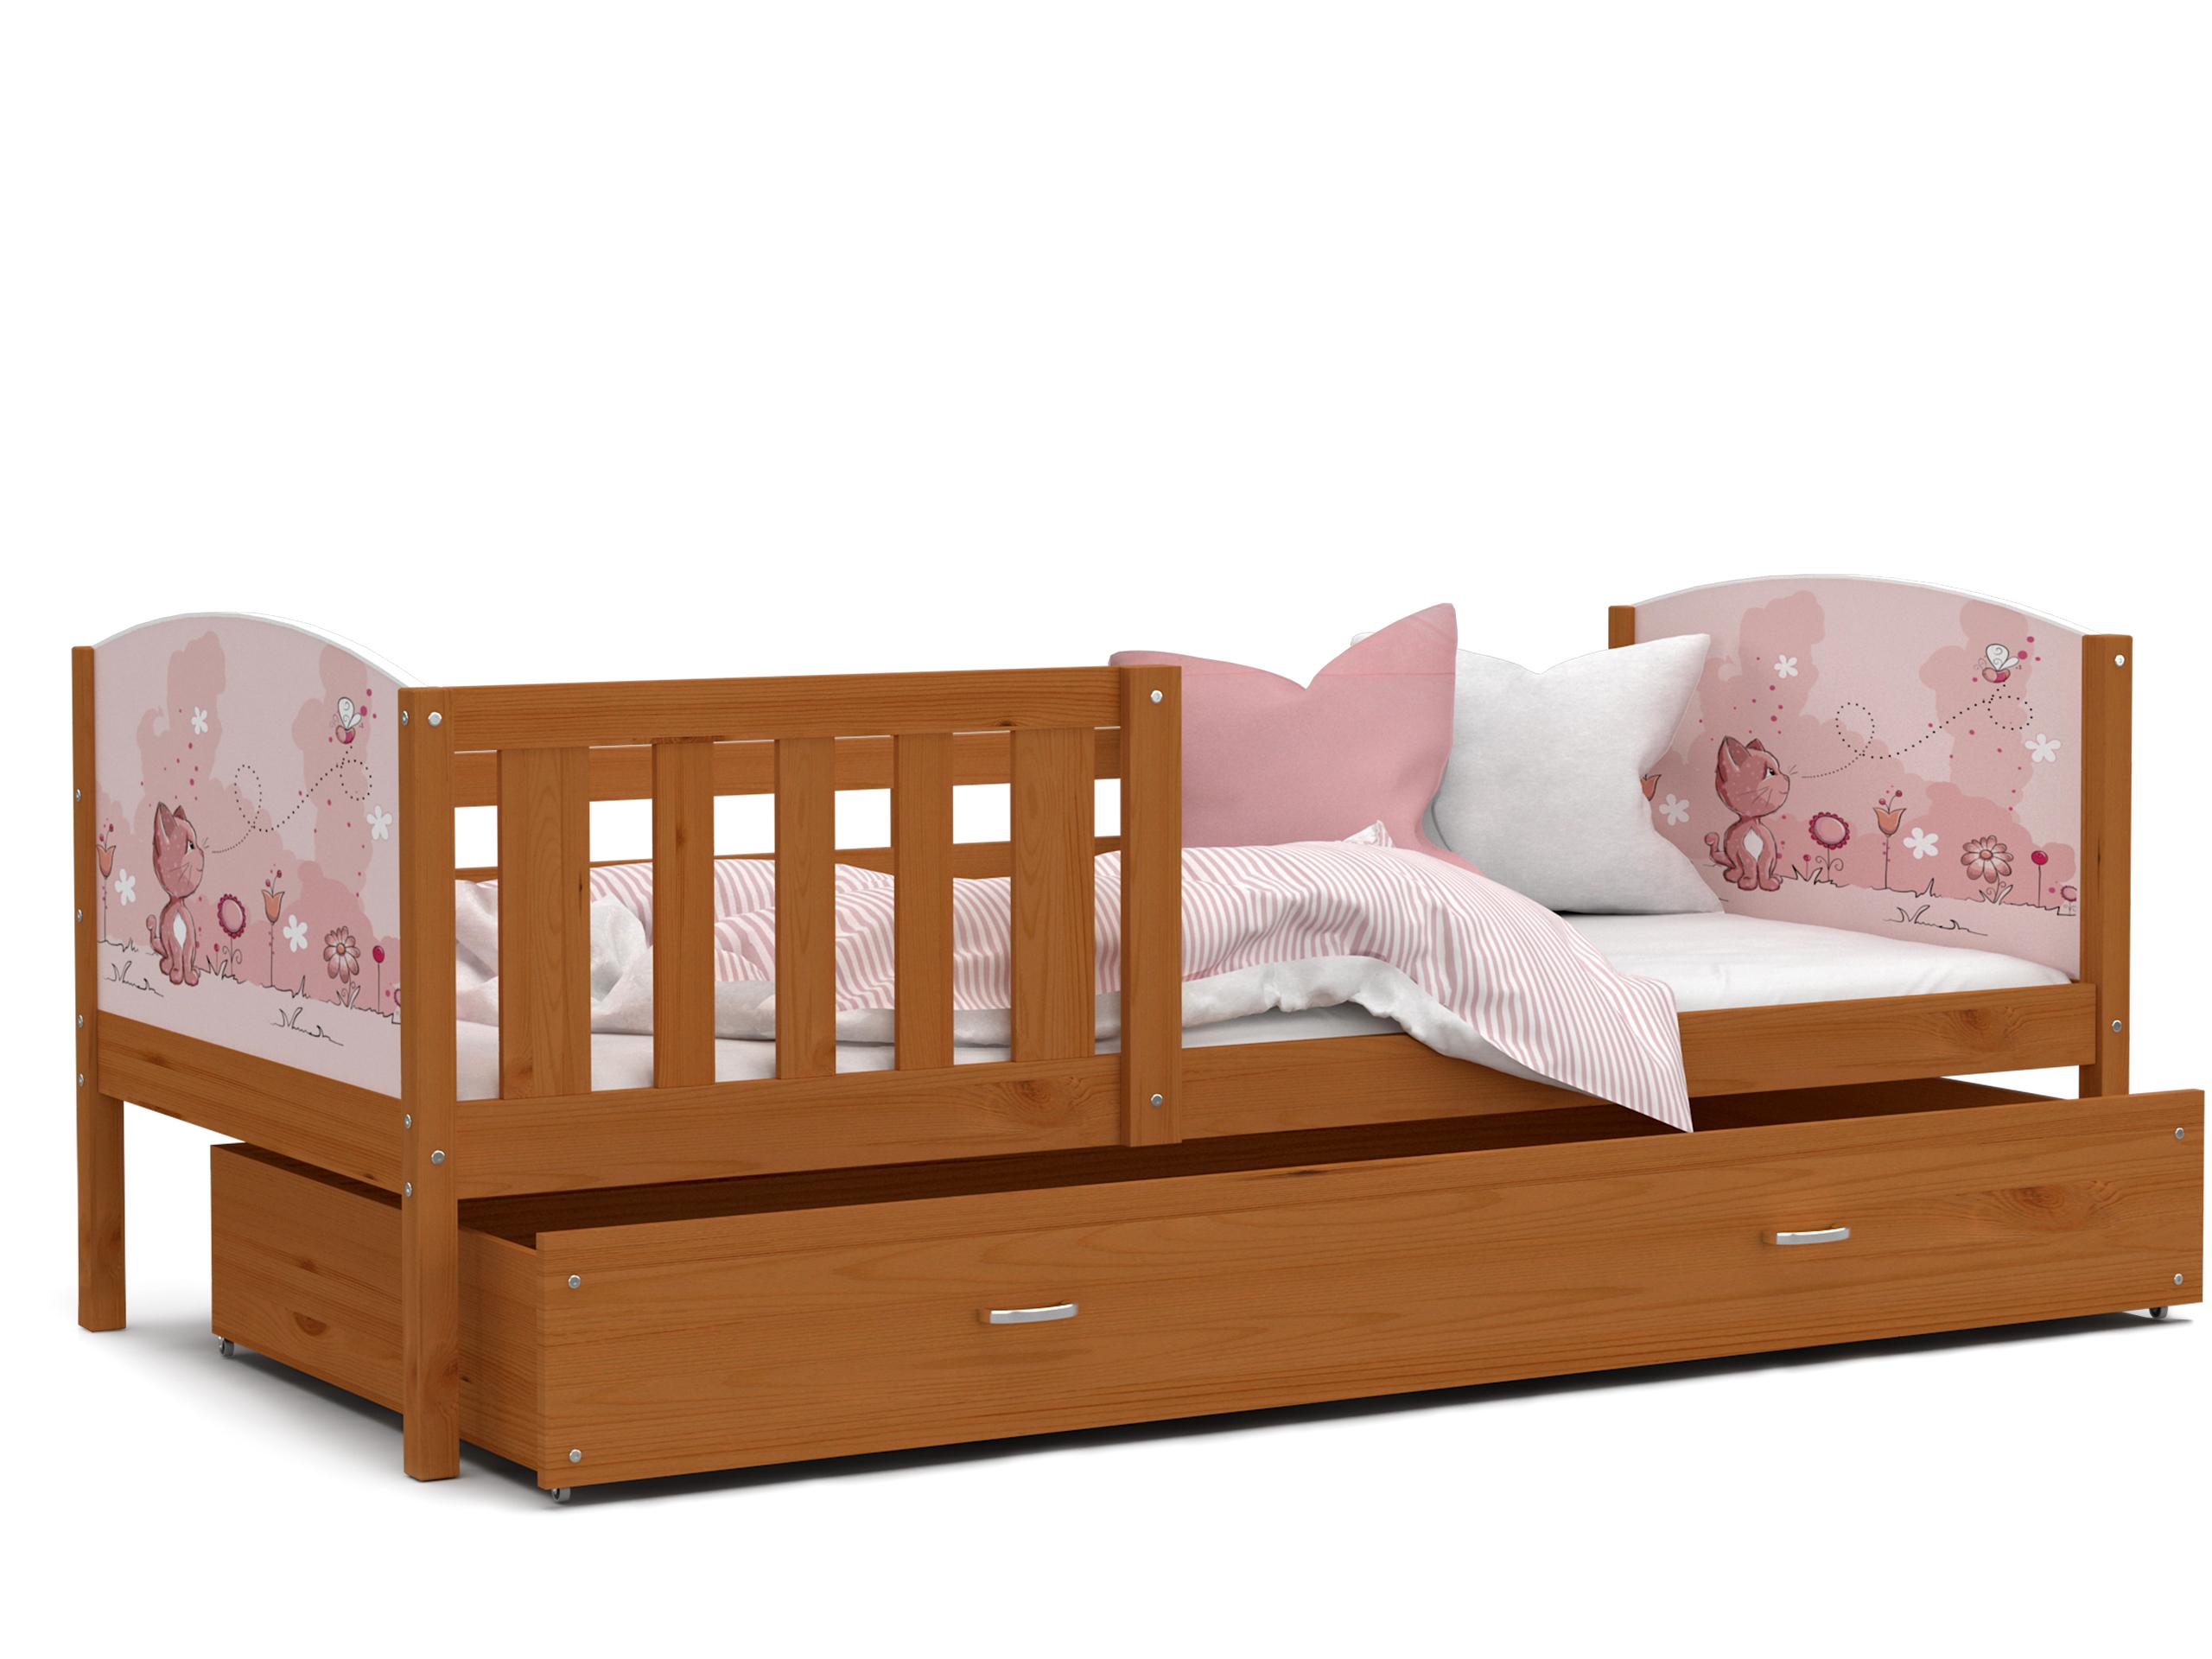 ArtAJ Detská posteľ Tami P / jelša Tami rozmer: 160 x 80 cm, s matracom